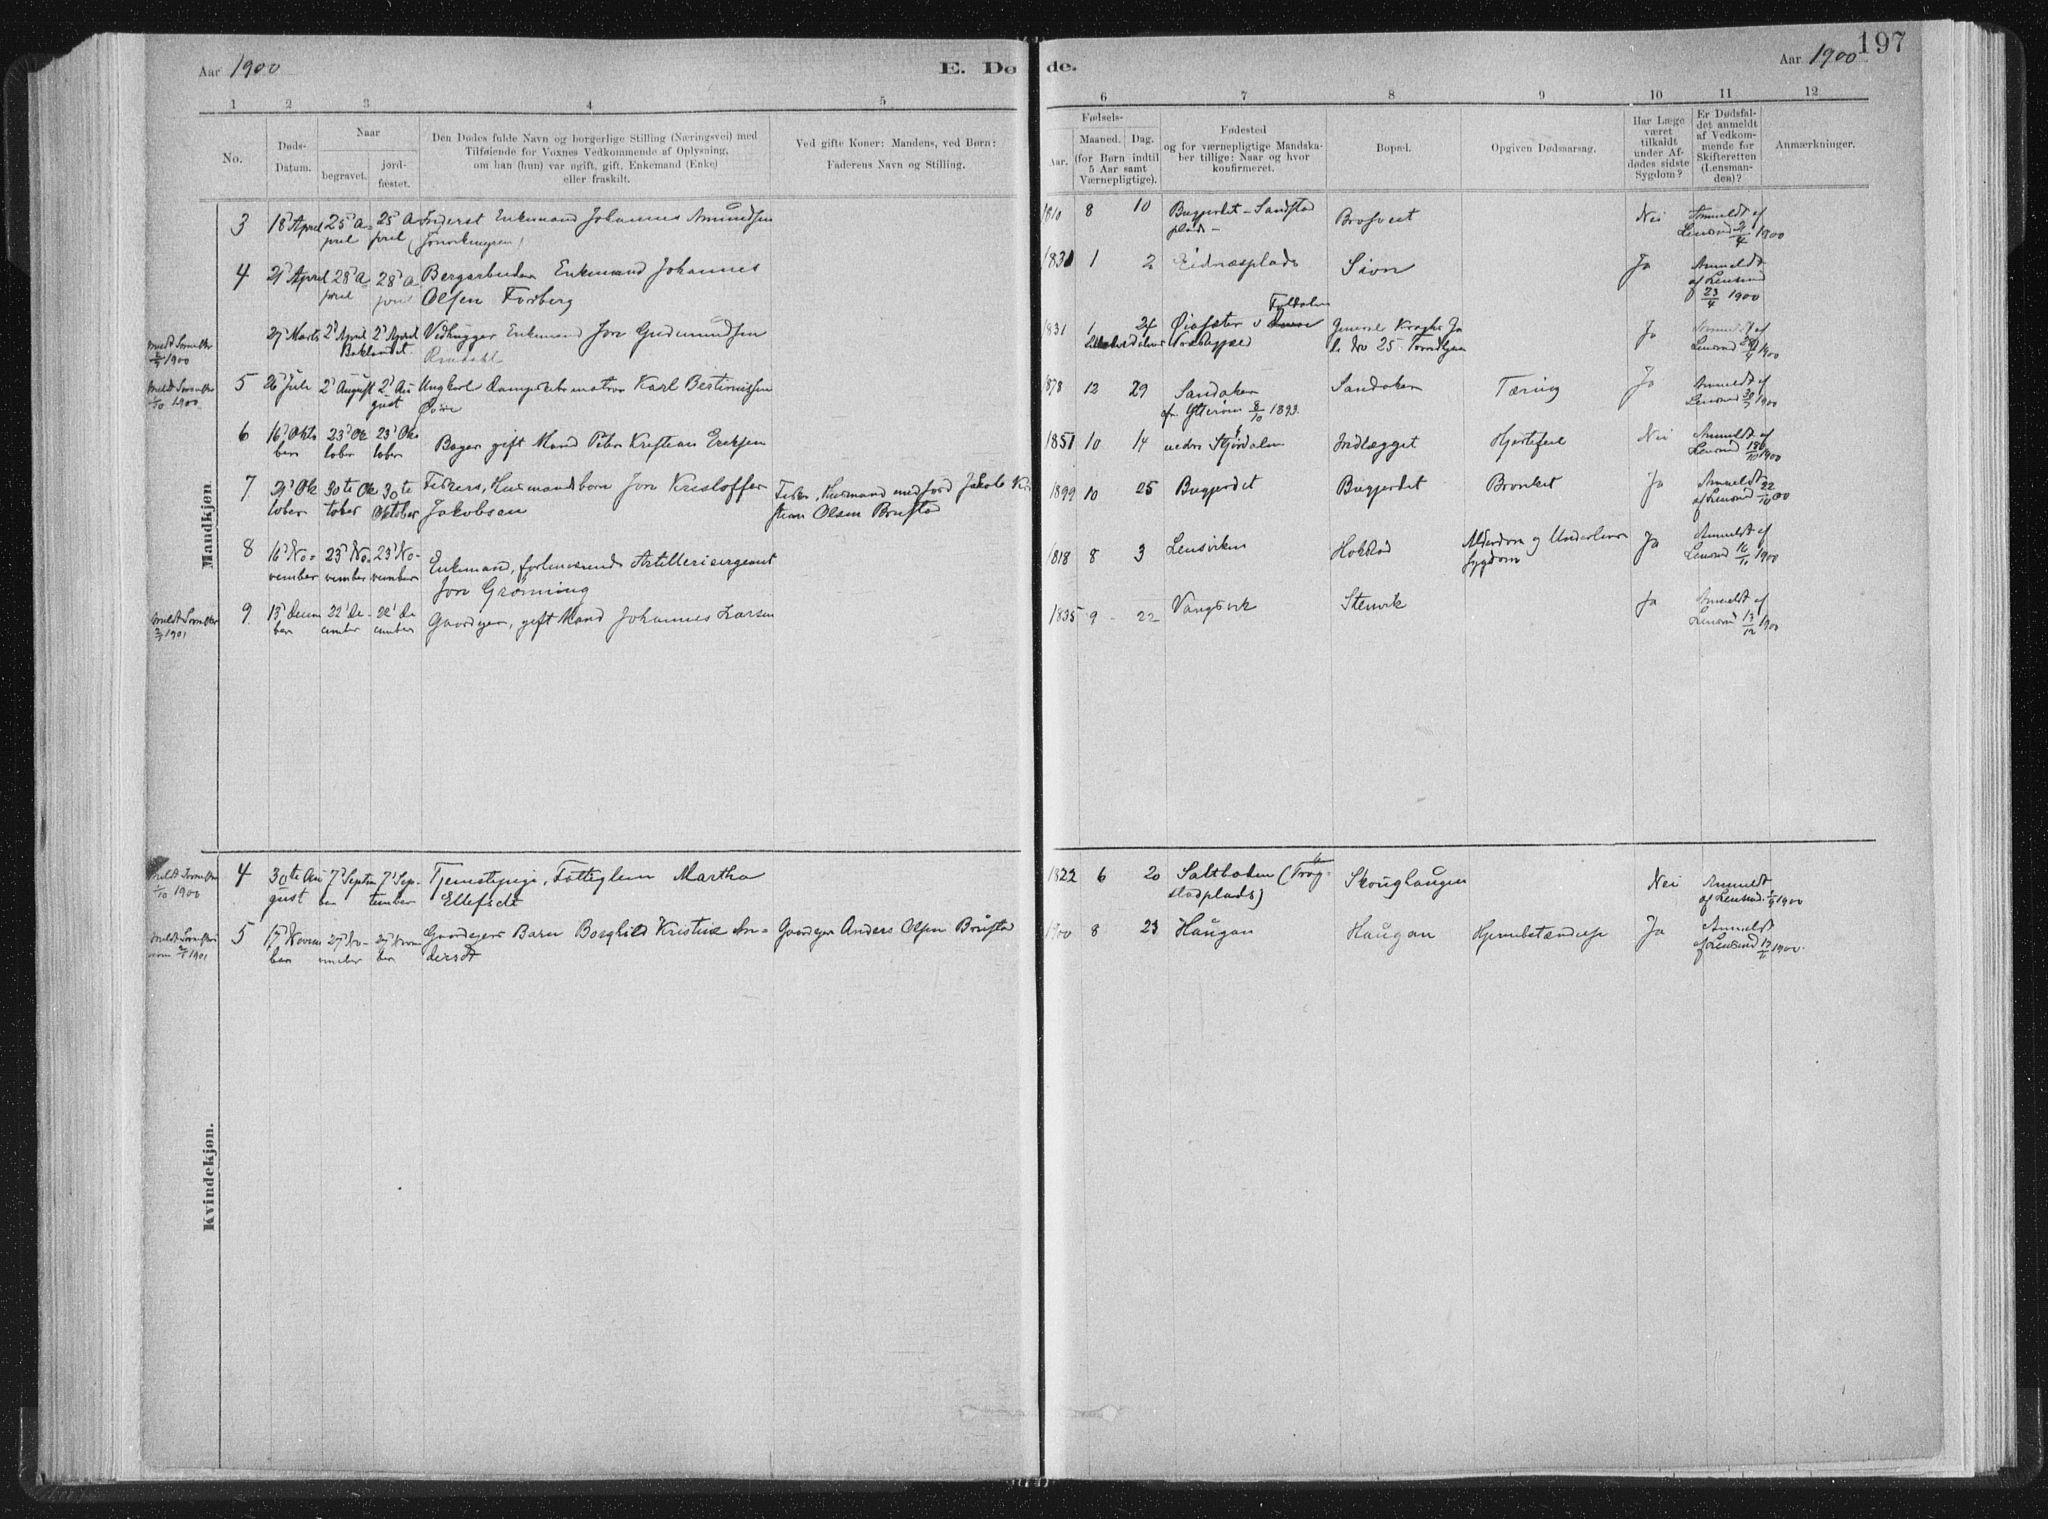 SAT, Ministerialprotokoller, klokkerbøker og fødselsregistre - Nord-Trøndelag, 722/L0220: Ministerialbok nr. 722A07, 1881-1908, s. 197